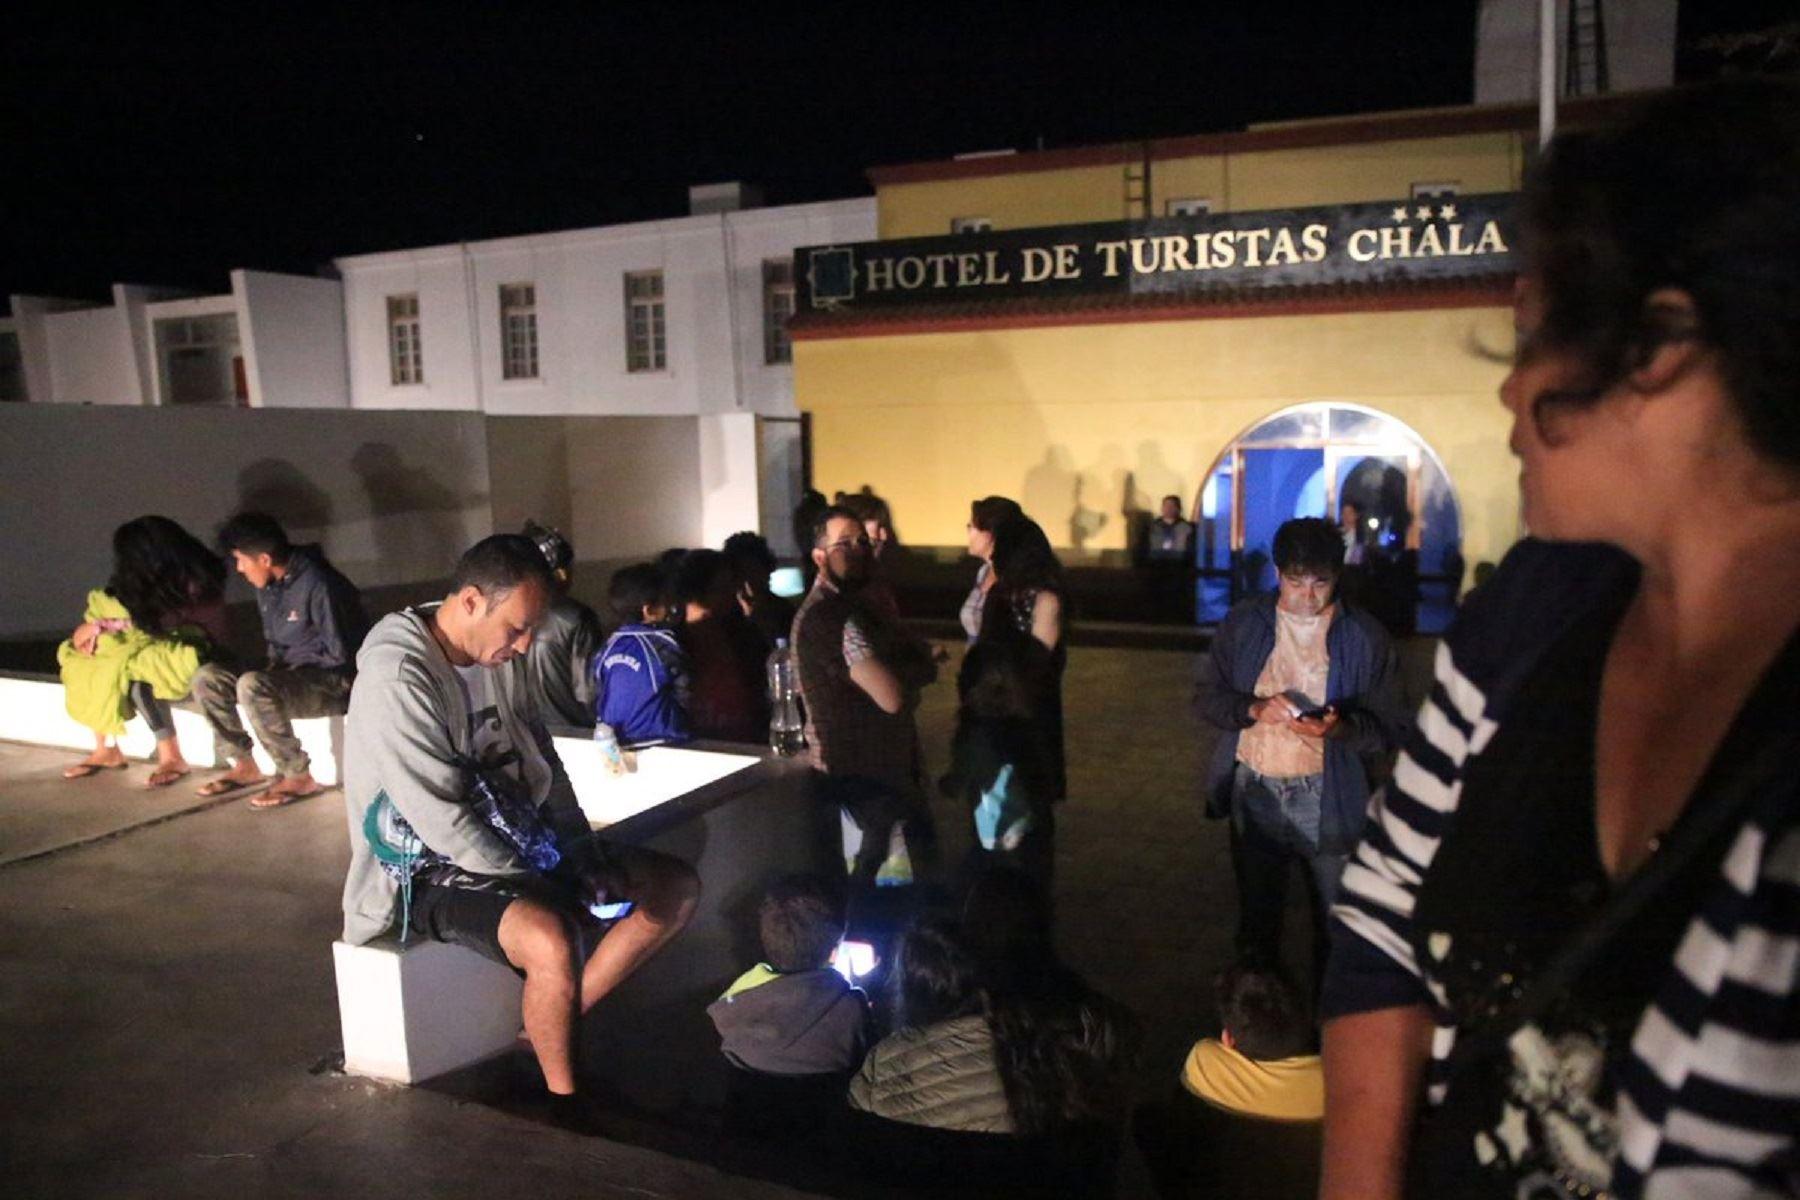 Sismos de 6.8 grados alerta a la población de Arequipa. Foto: Óscar Farje.